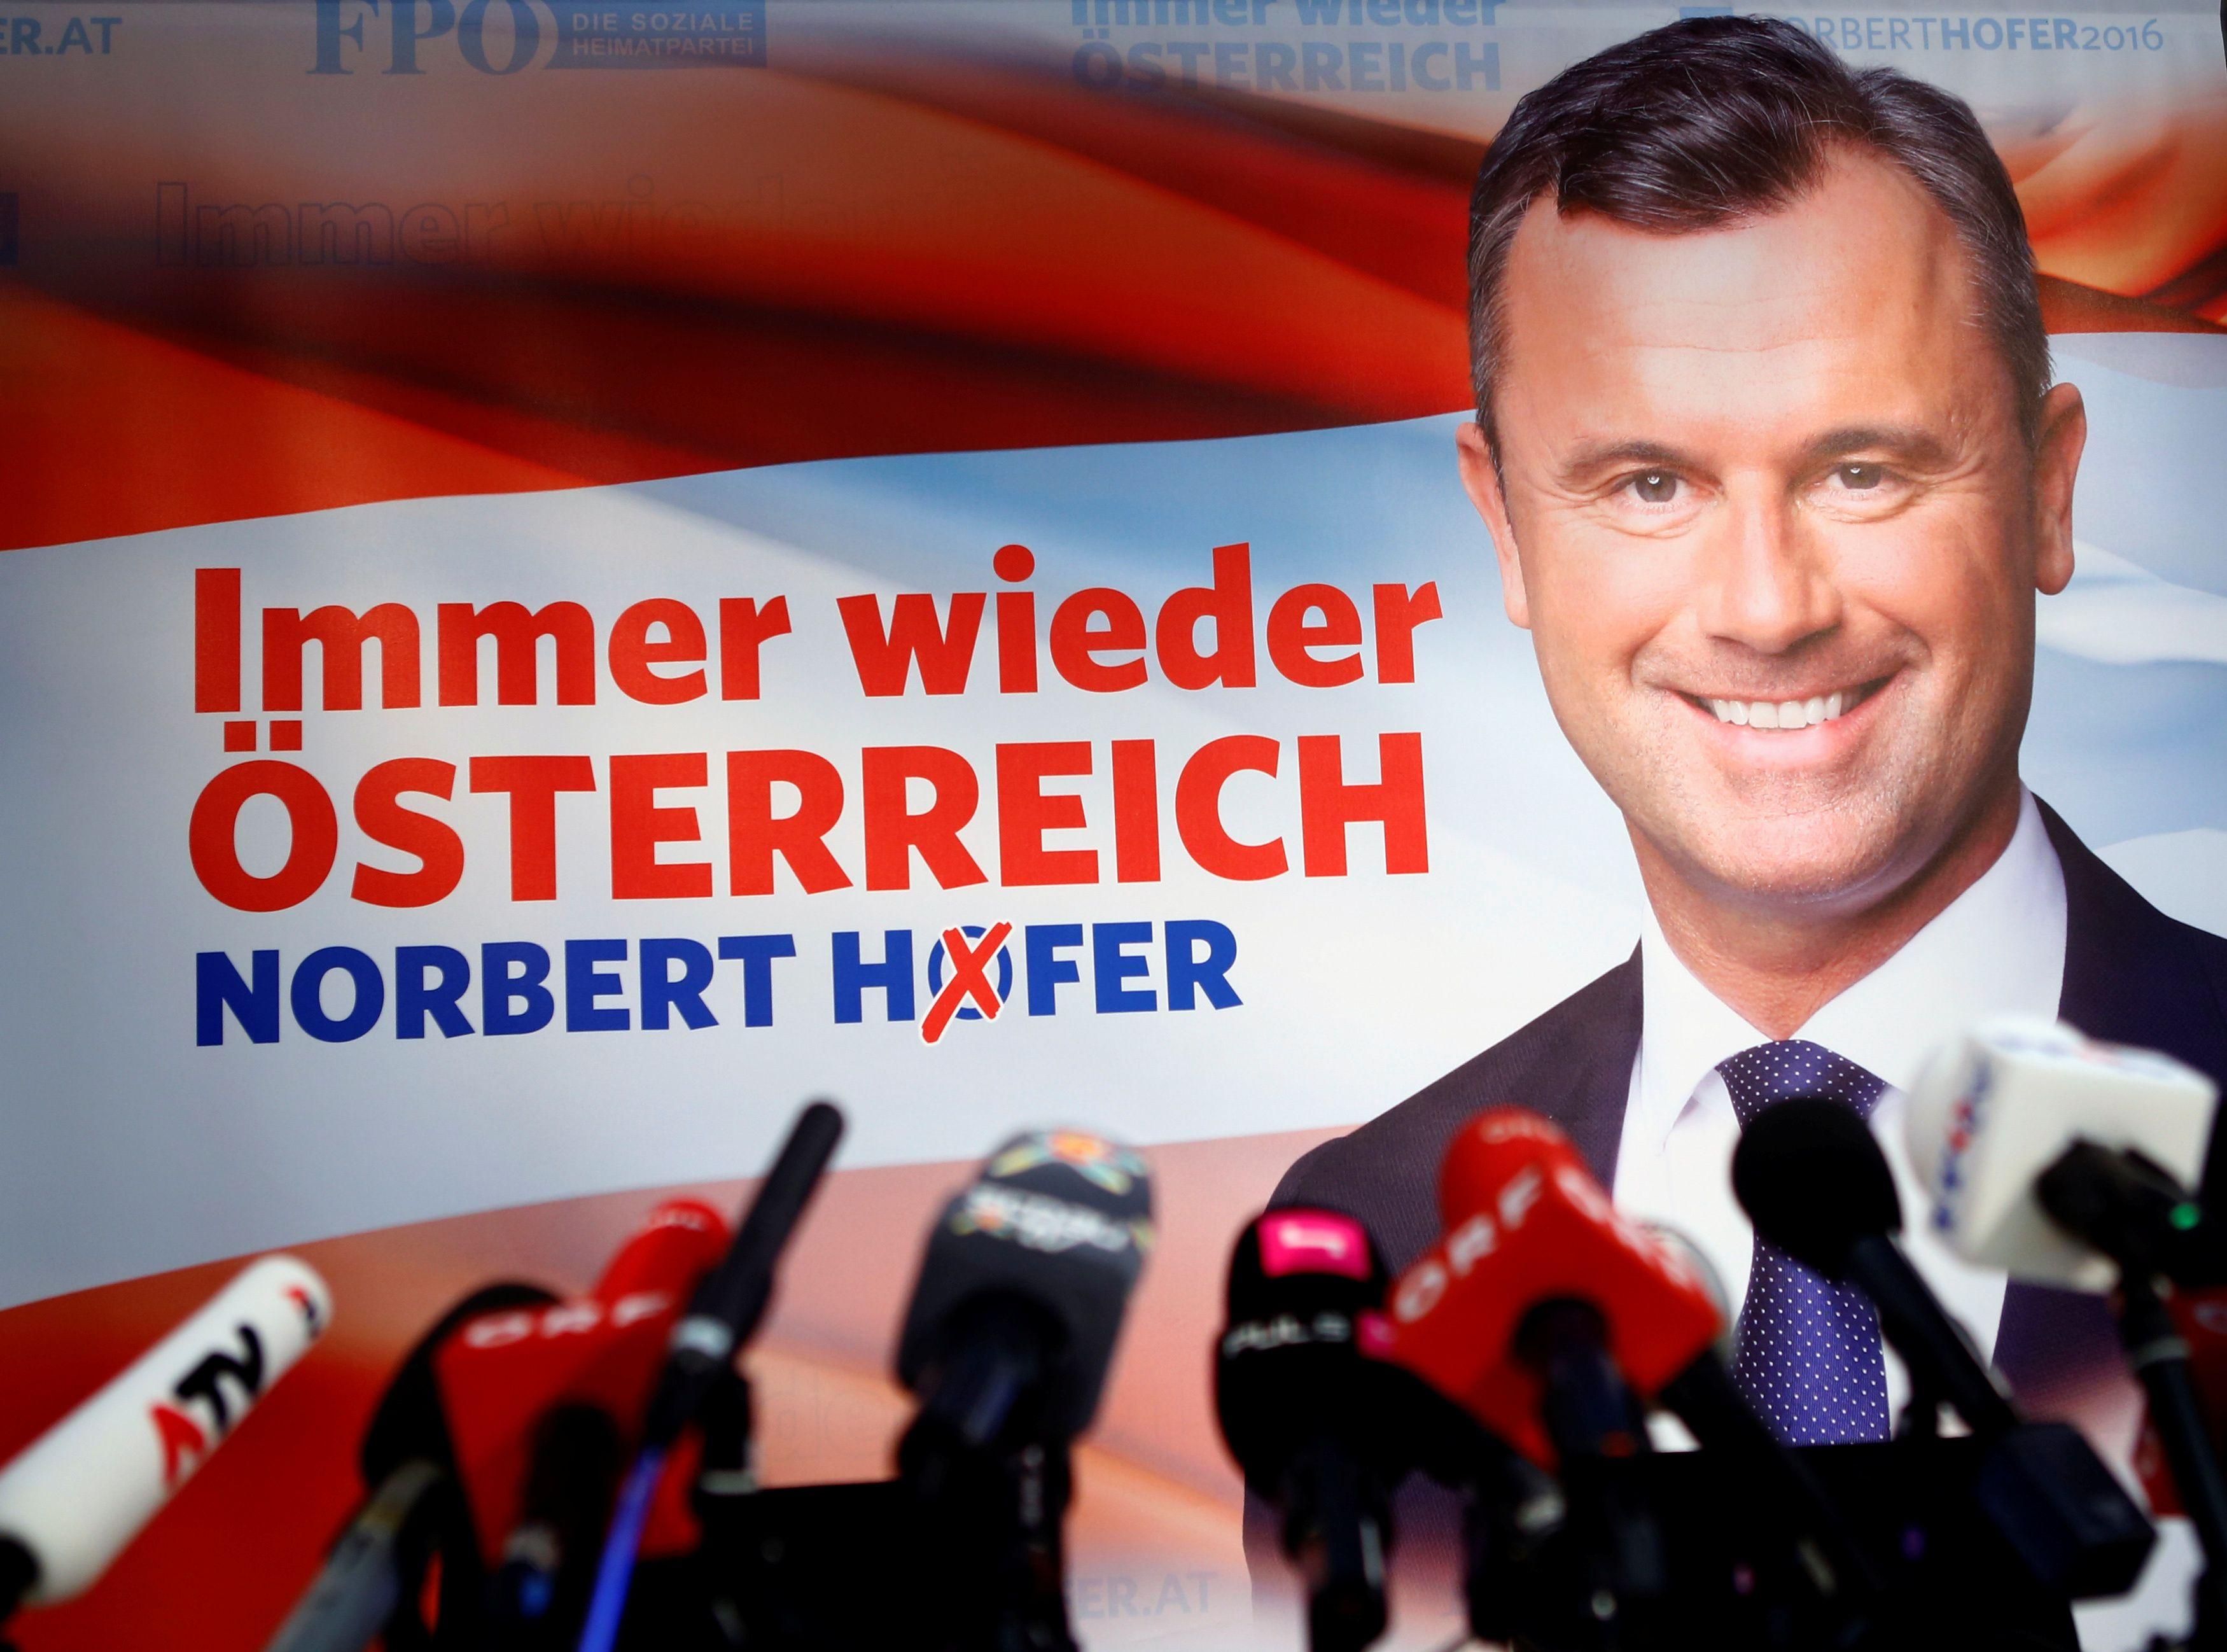 L'Europe est-elle capable de sortir de sa sidération face à la montée de l'extrême droite en Autriche… et ailleurs (ah qu'il est loin le temps des sanctions unanimes anti Jörg Haider) ?